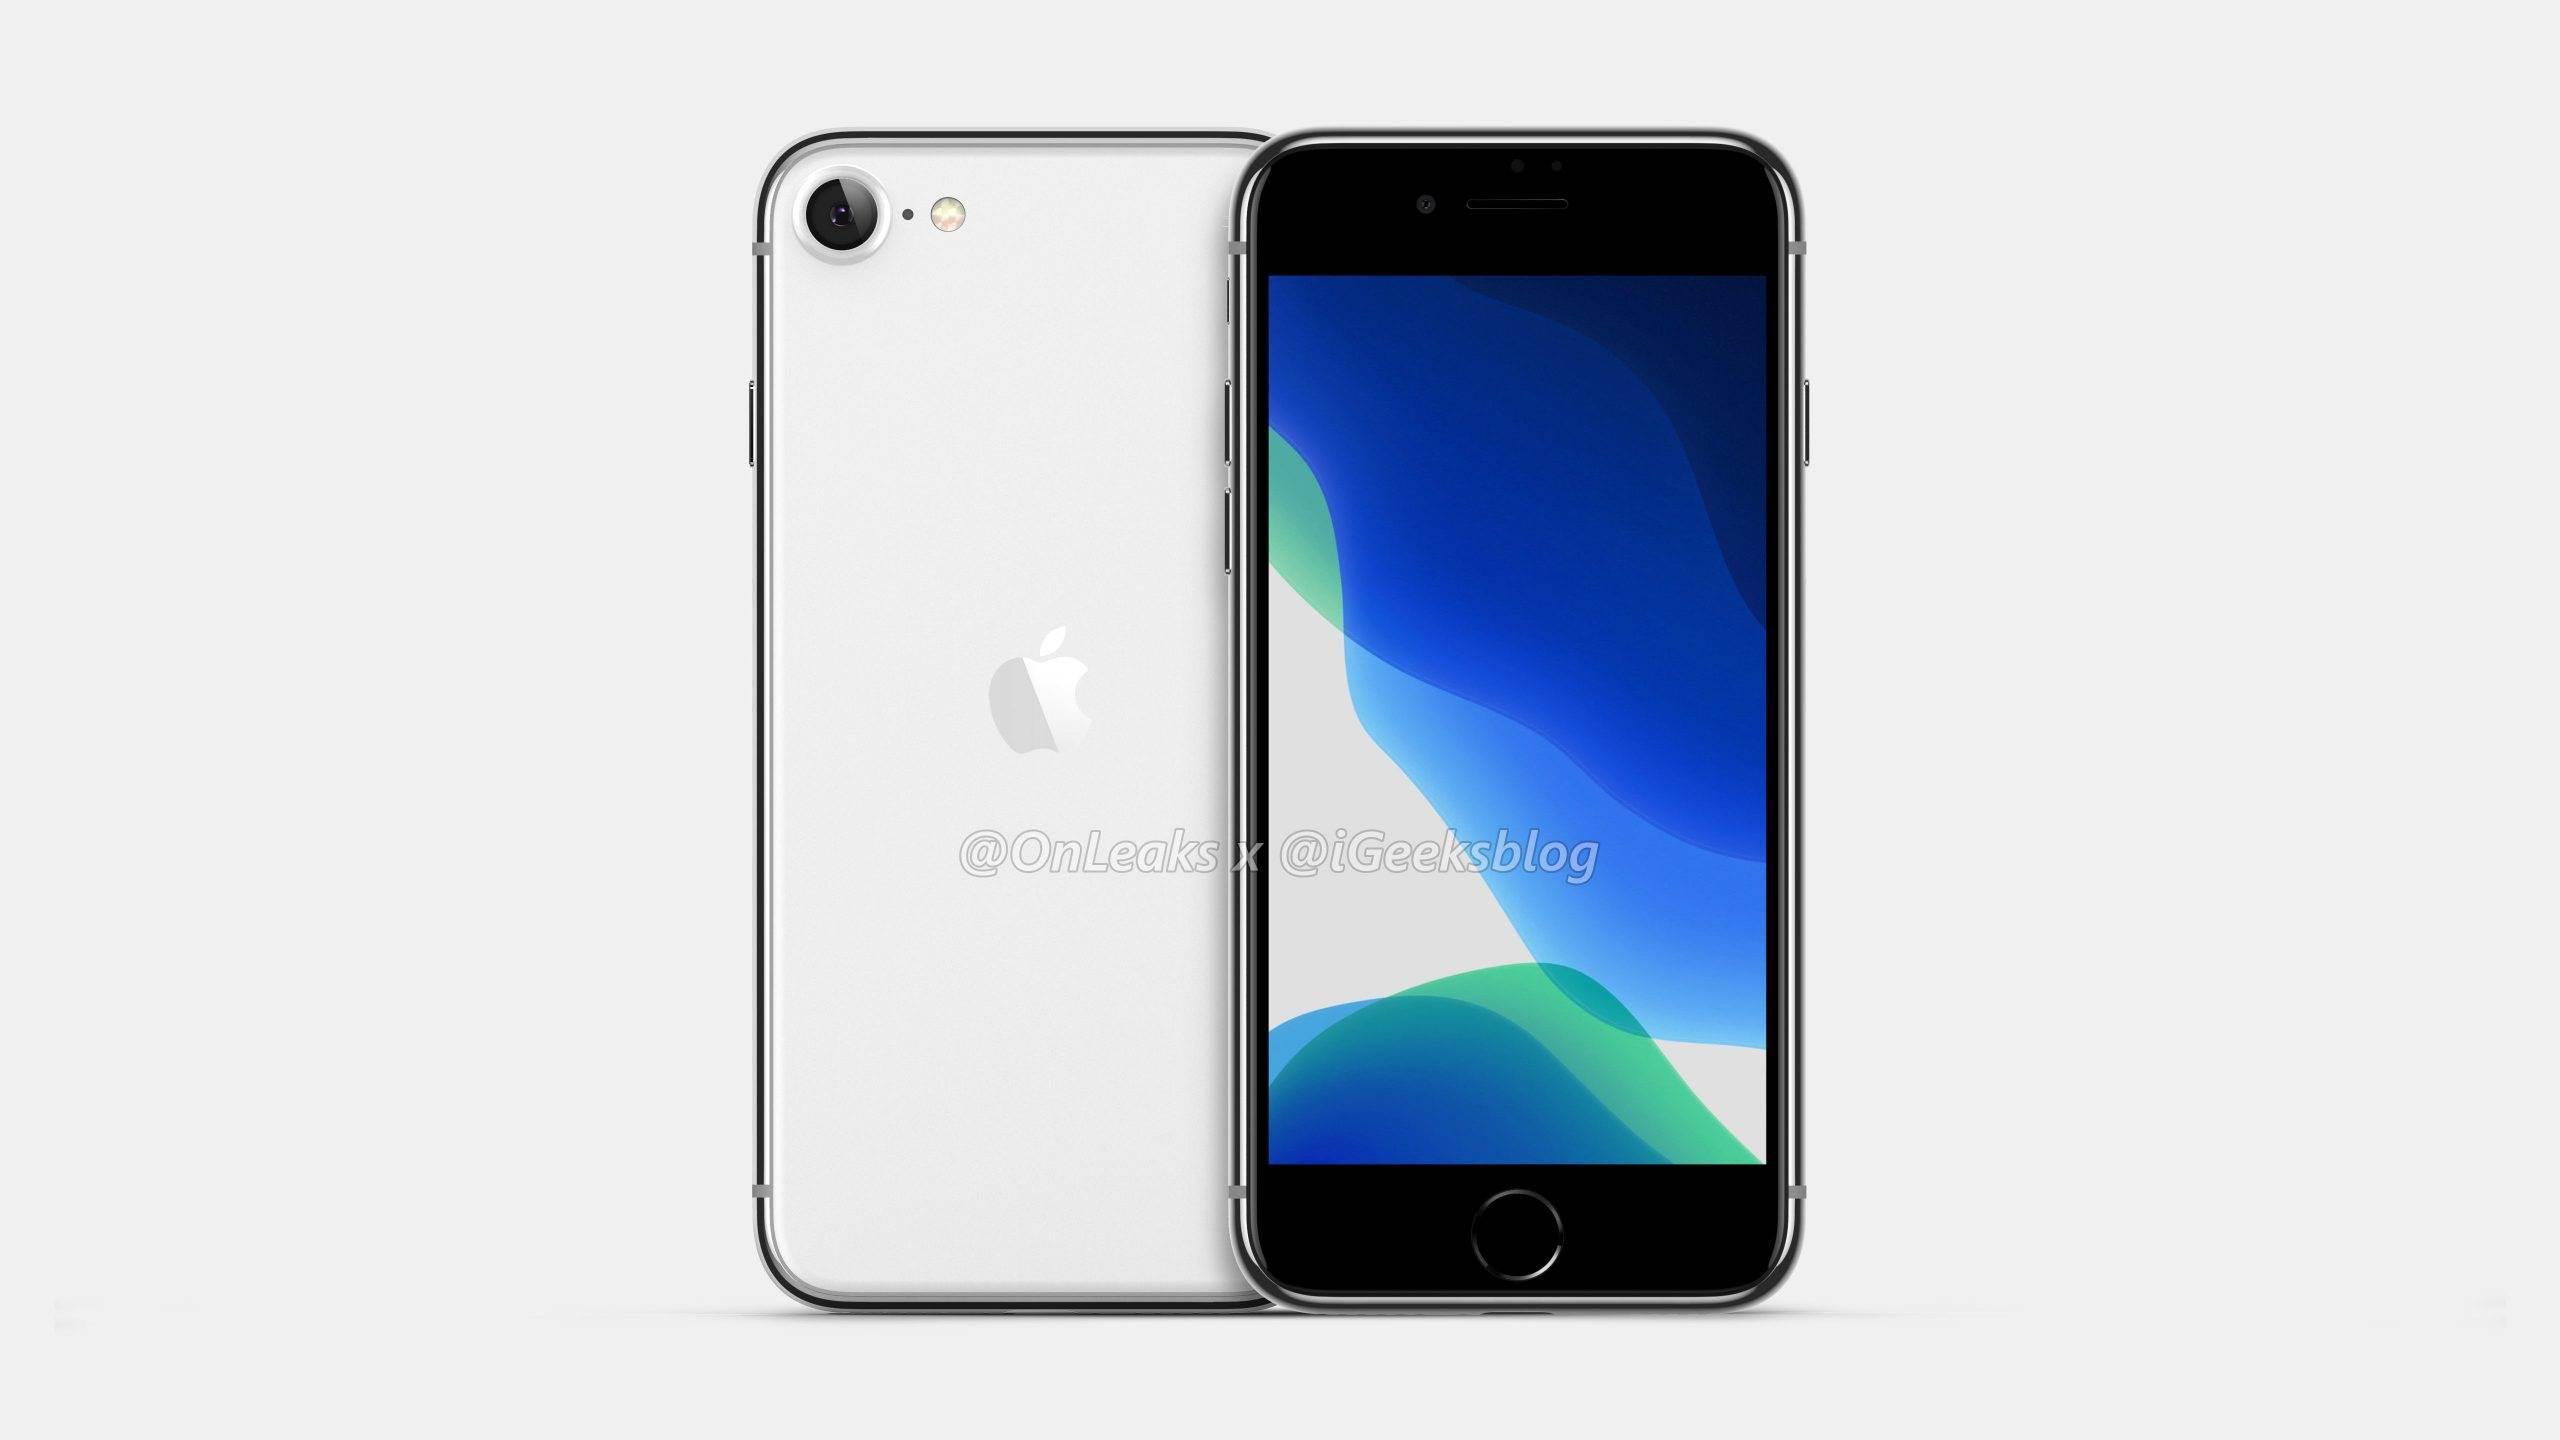 Tak prawdopodobnie będzie wyglądał iPhone 9, czyli następca iPhone?a SE polecane, ciekawostki Wideo, iPhone 9, Apple  W sieci za sprawą @OnLeaks pojawiły się rendery i wideo na którym najprawdopodobniej widzimy jak będzie wyglądać następca iPhone?a SE czyli iPhone 9. 2020 iPhone SE 2 4.7 LCD display scaled 1